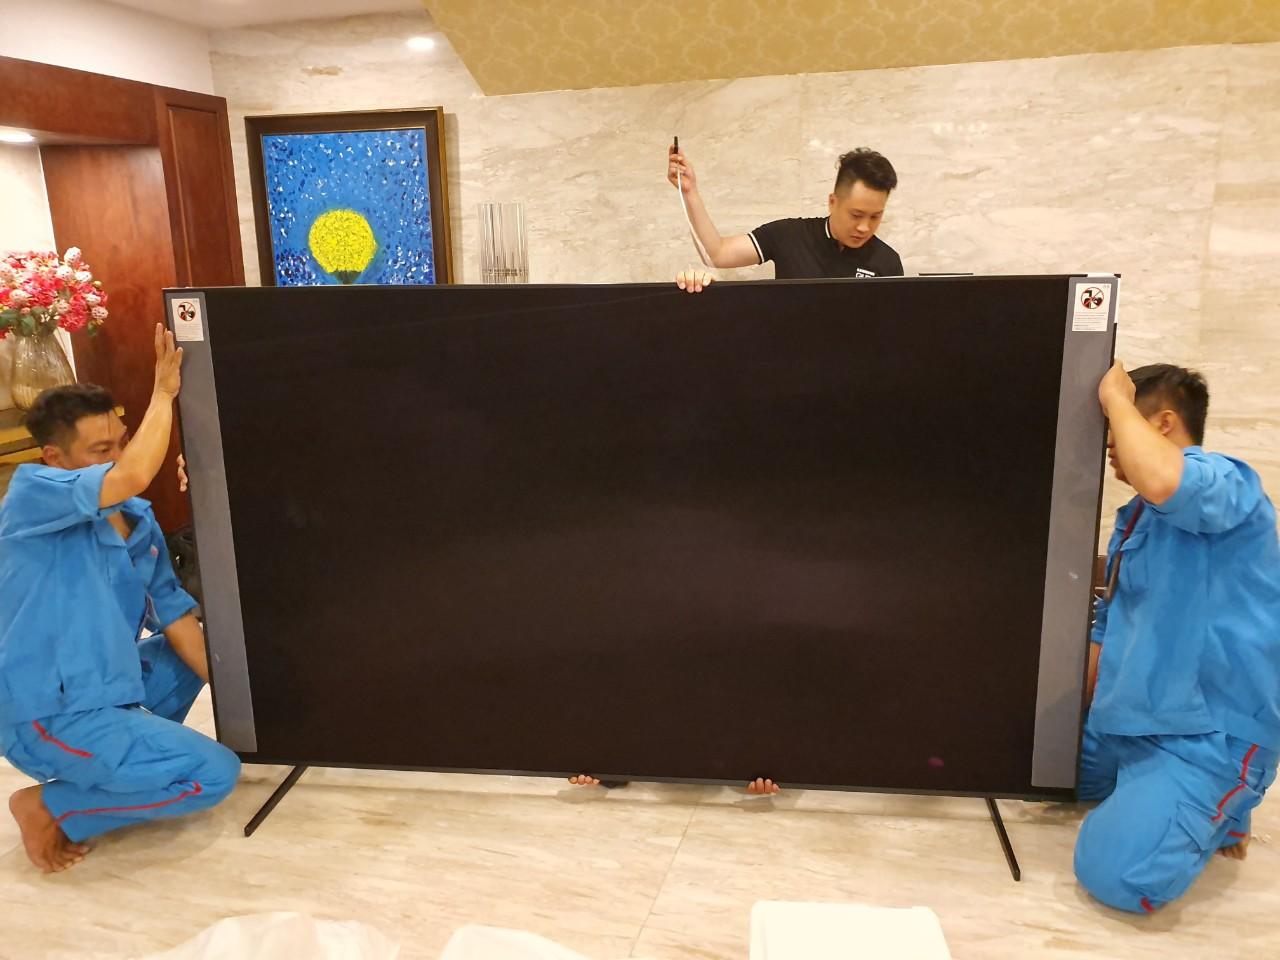 Đã có người đầu tiên trên thế giới mua TV QLED 8K 2 tỷ 3, và đó là người Việt - Ảnh 2.